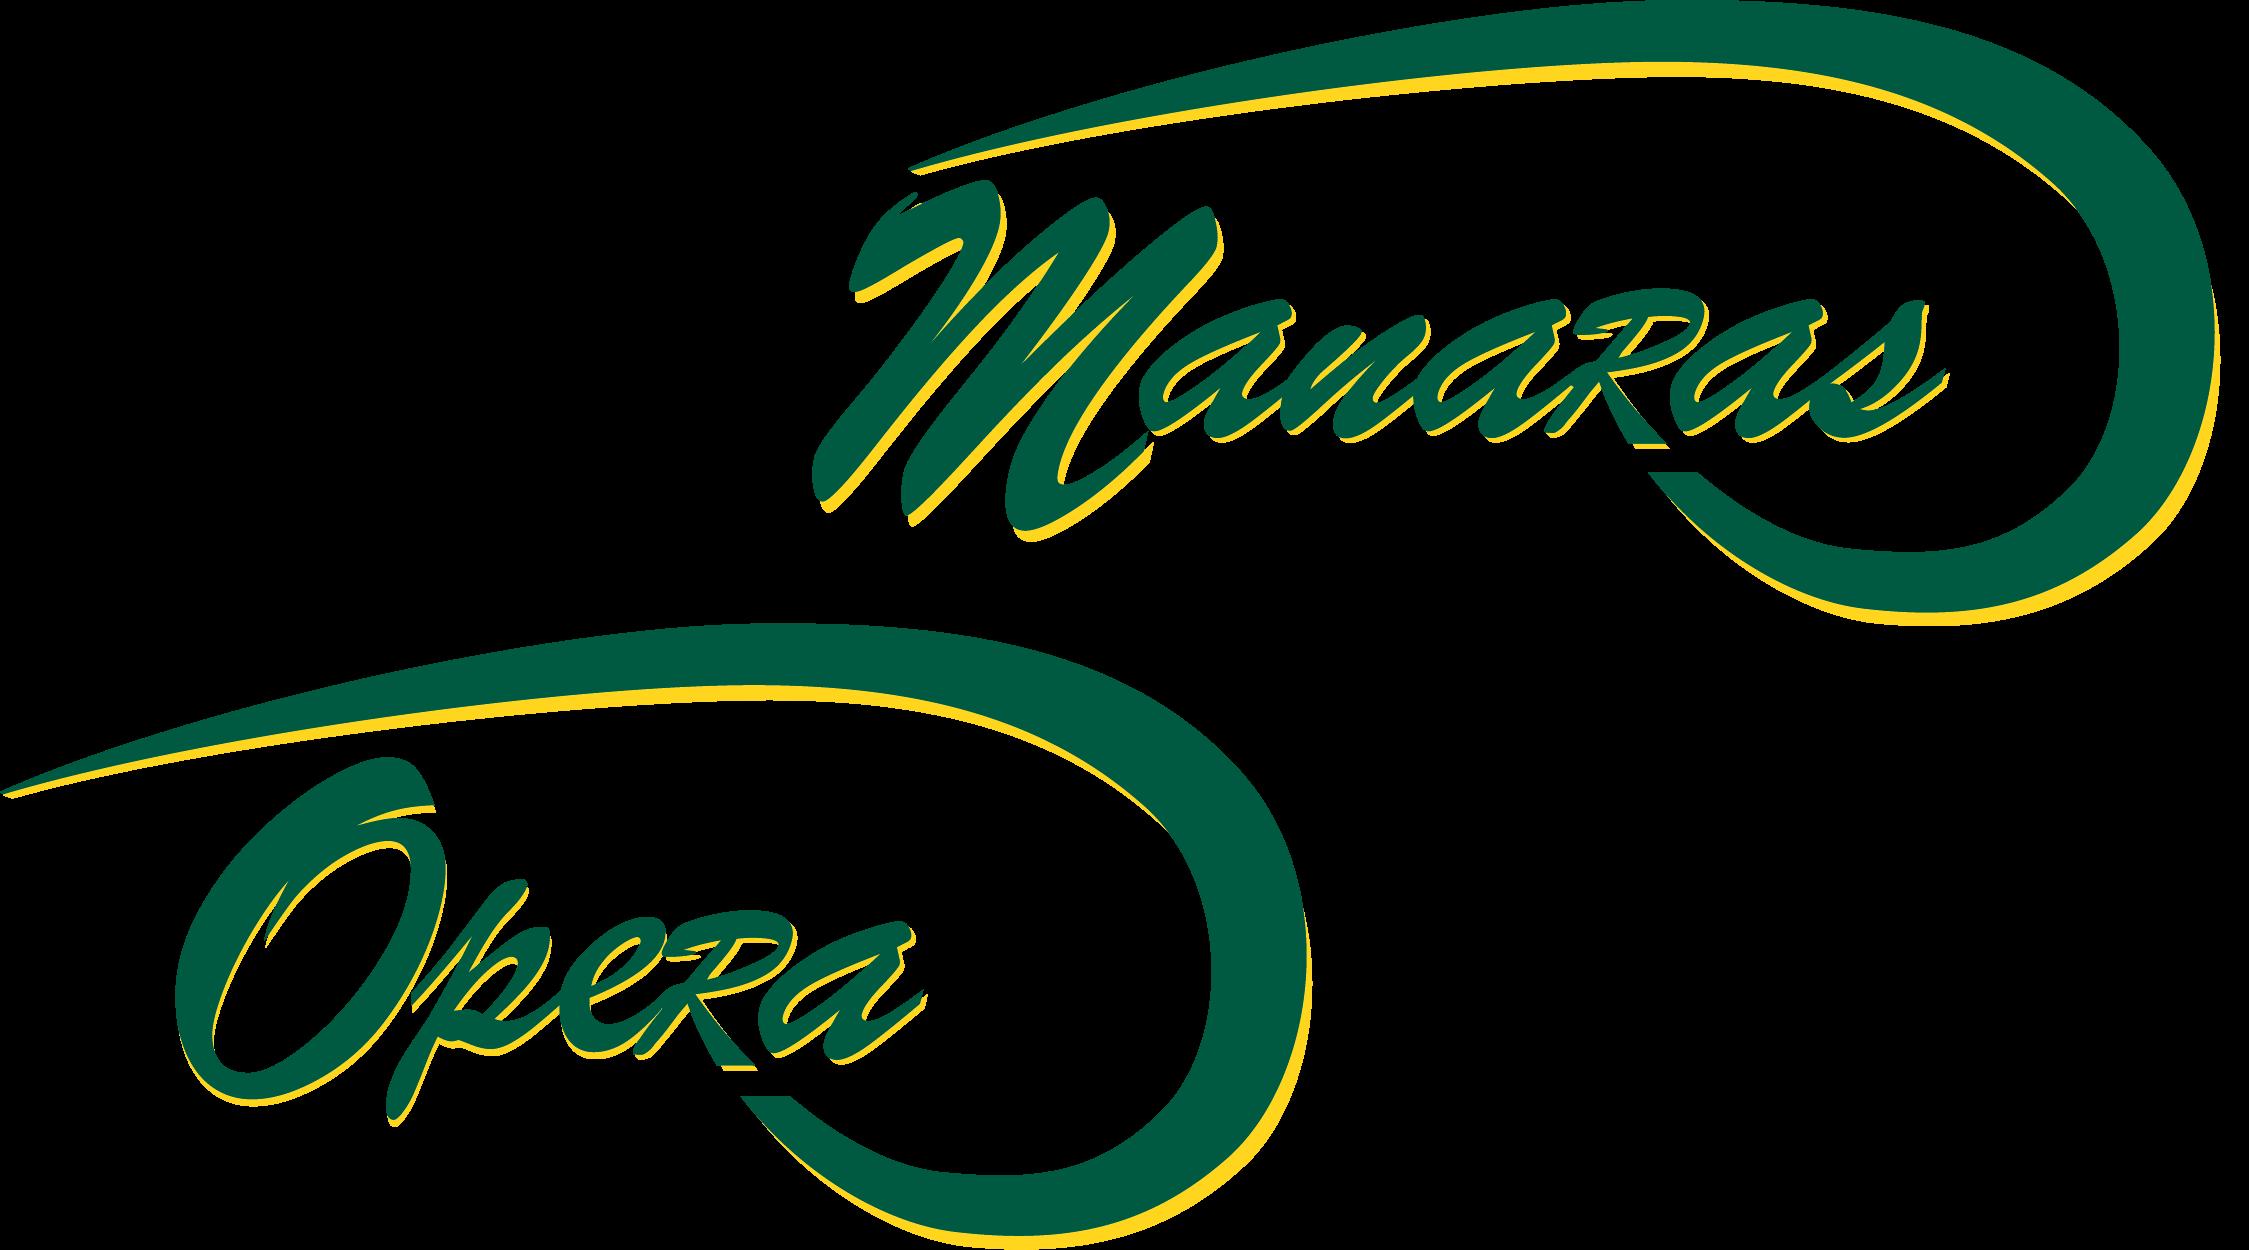 Logo_ManarasOpera_registered_2018-06-12 (1)